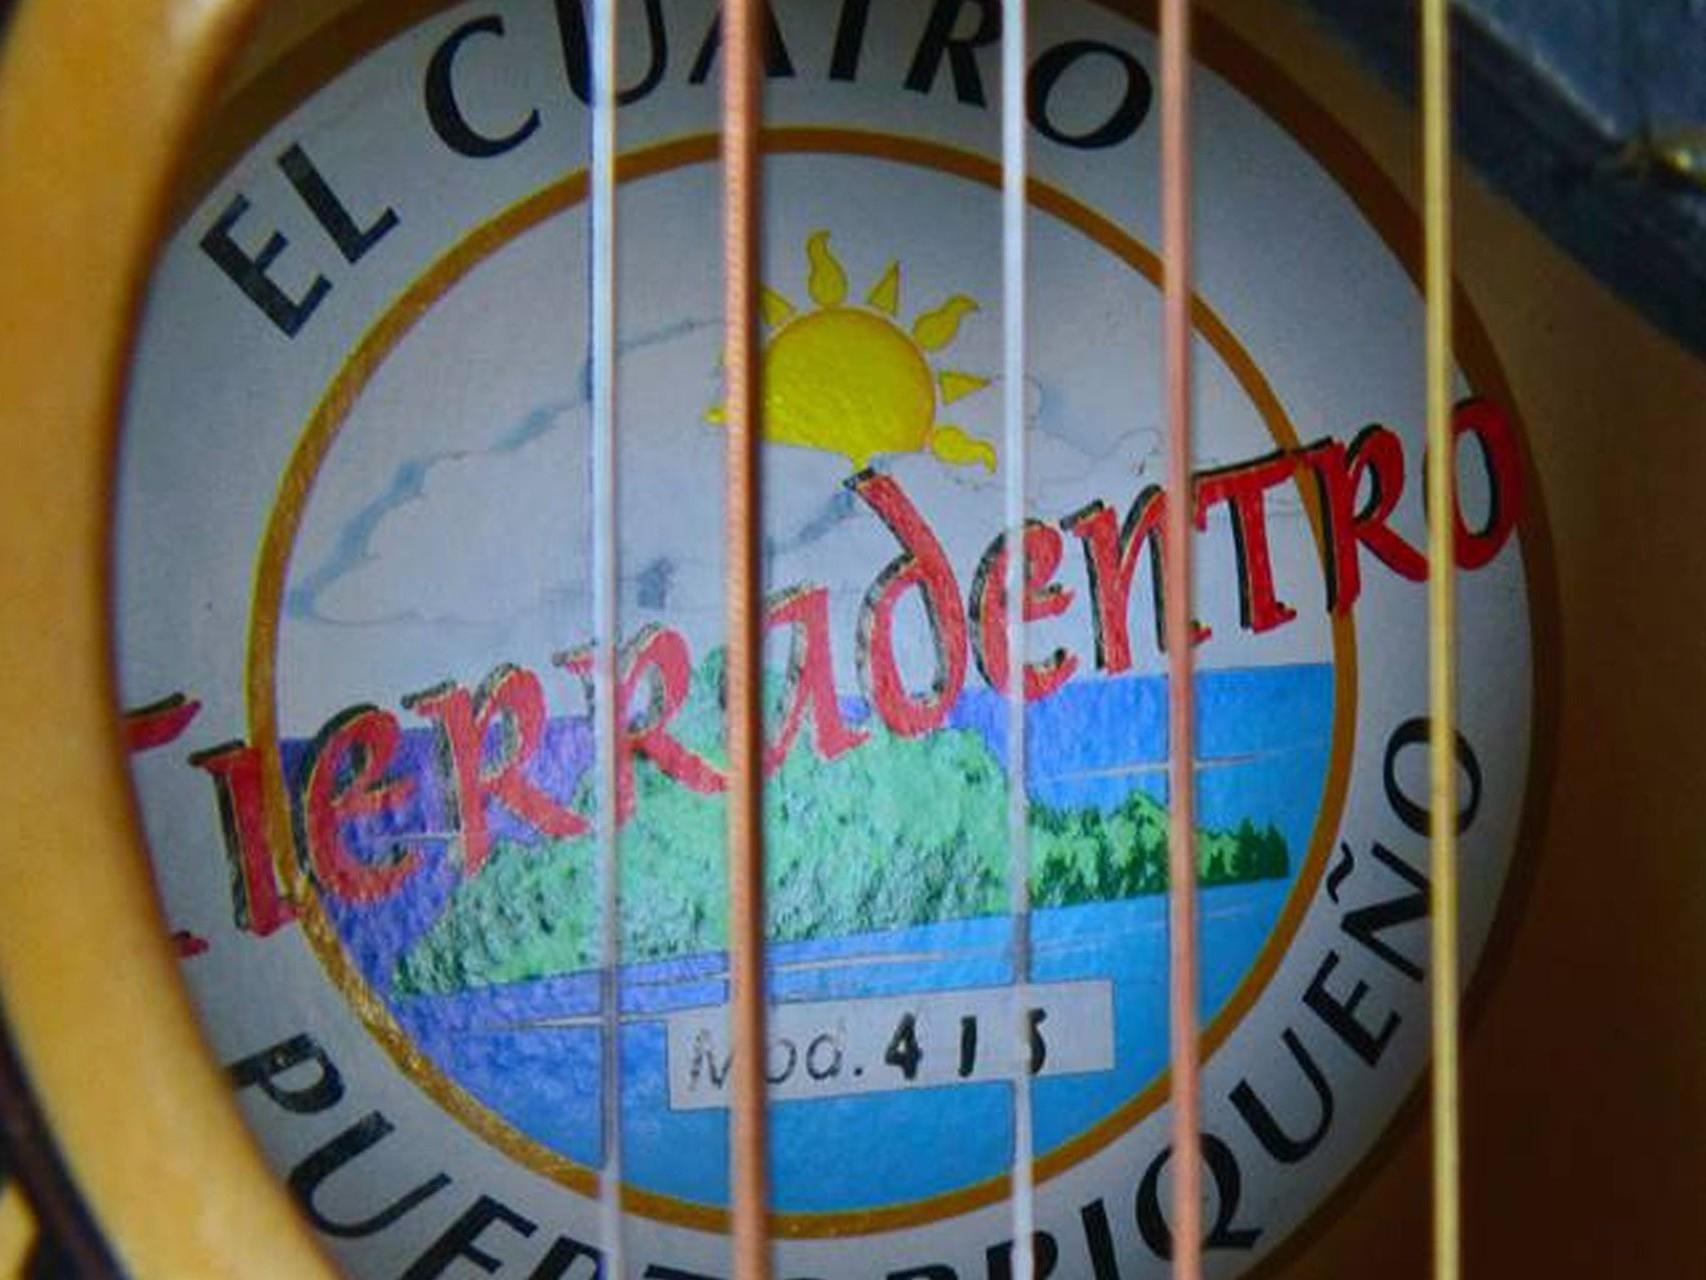 2005 Cuatro Puertorriqueño Tierradentro